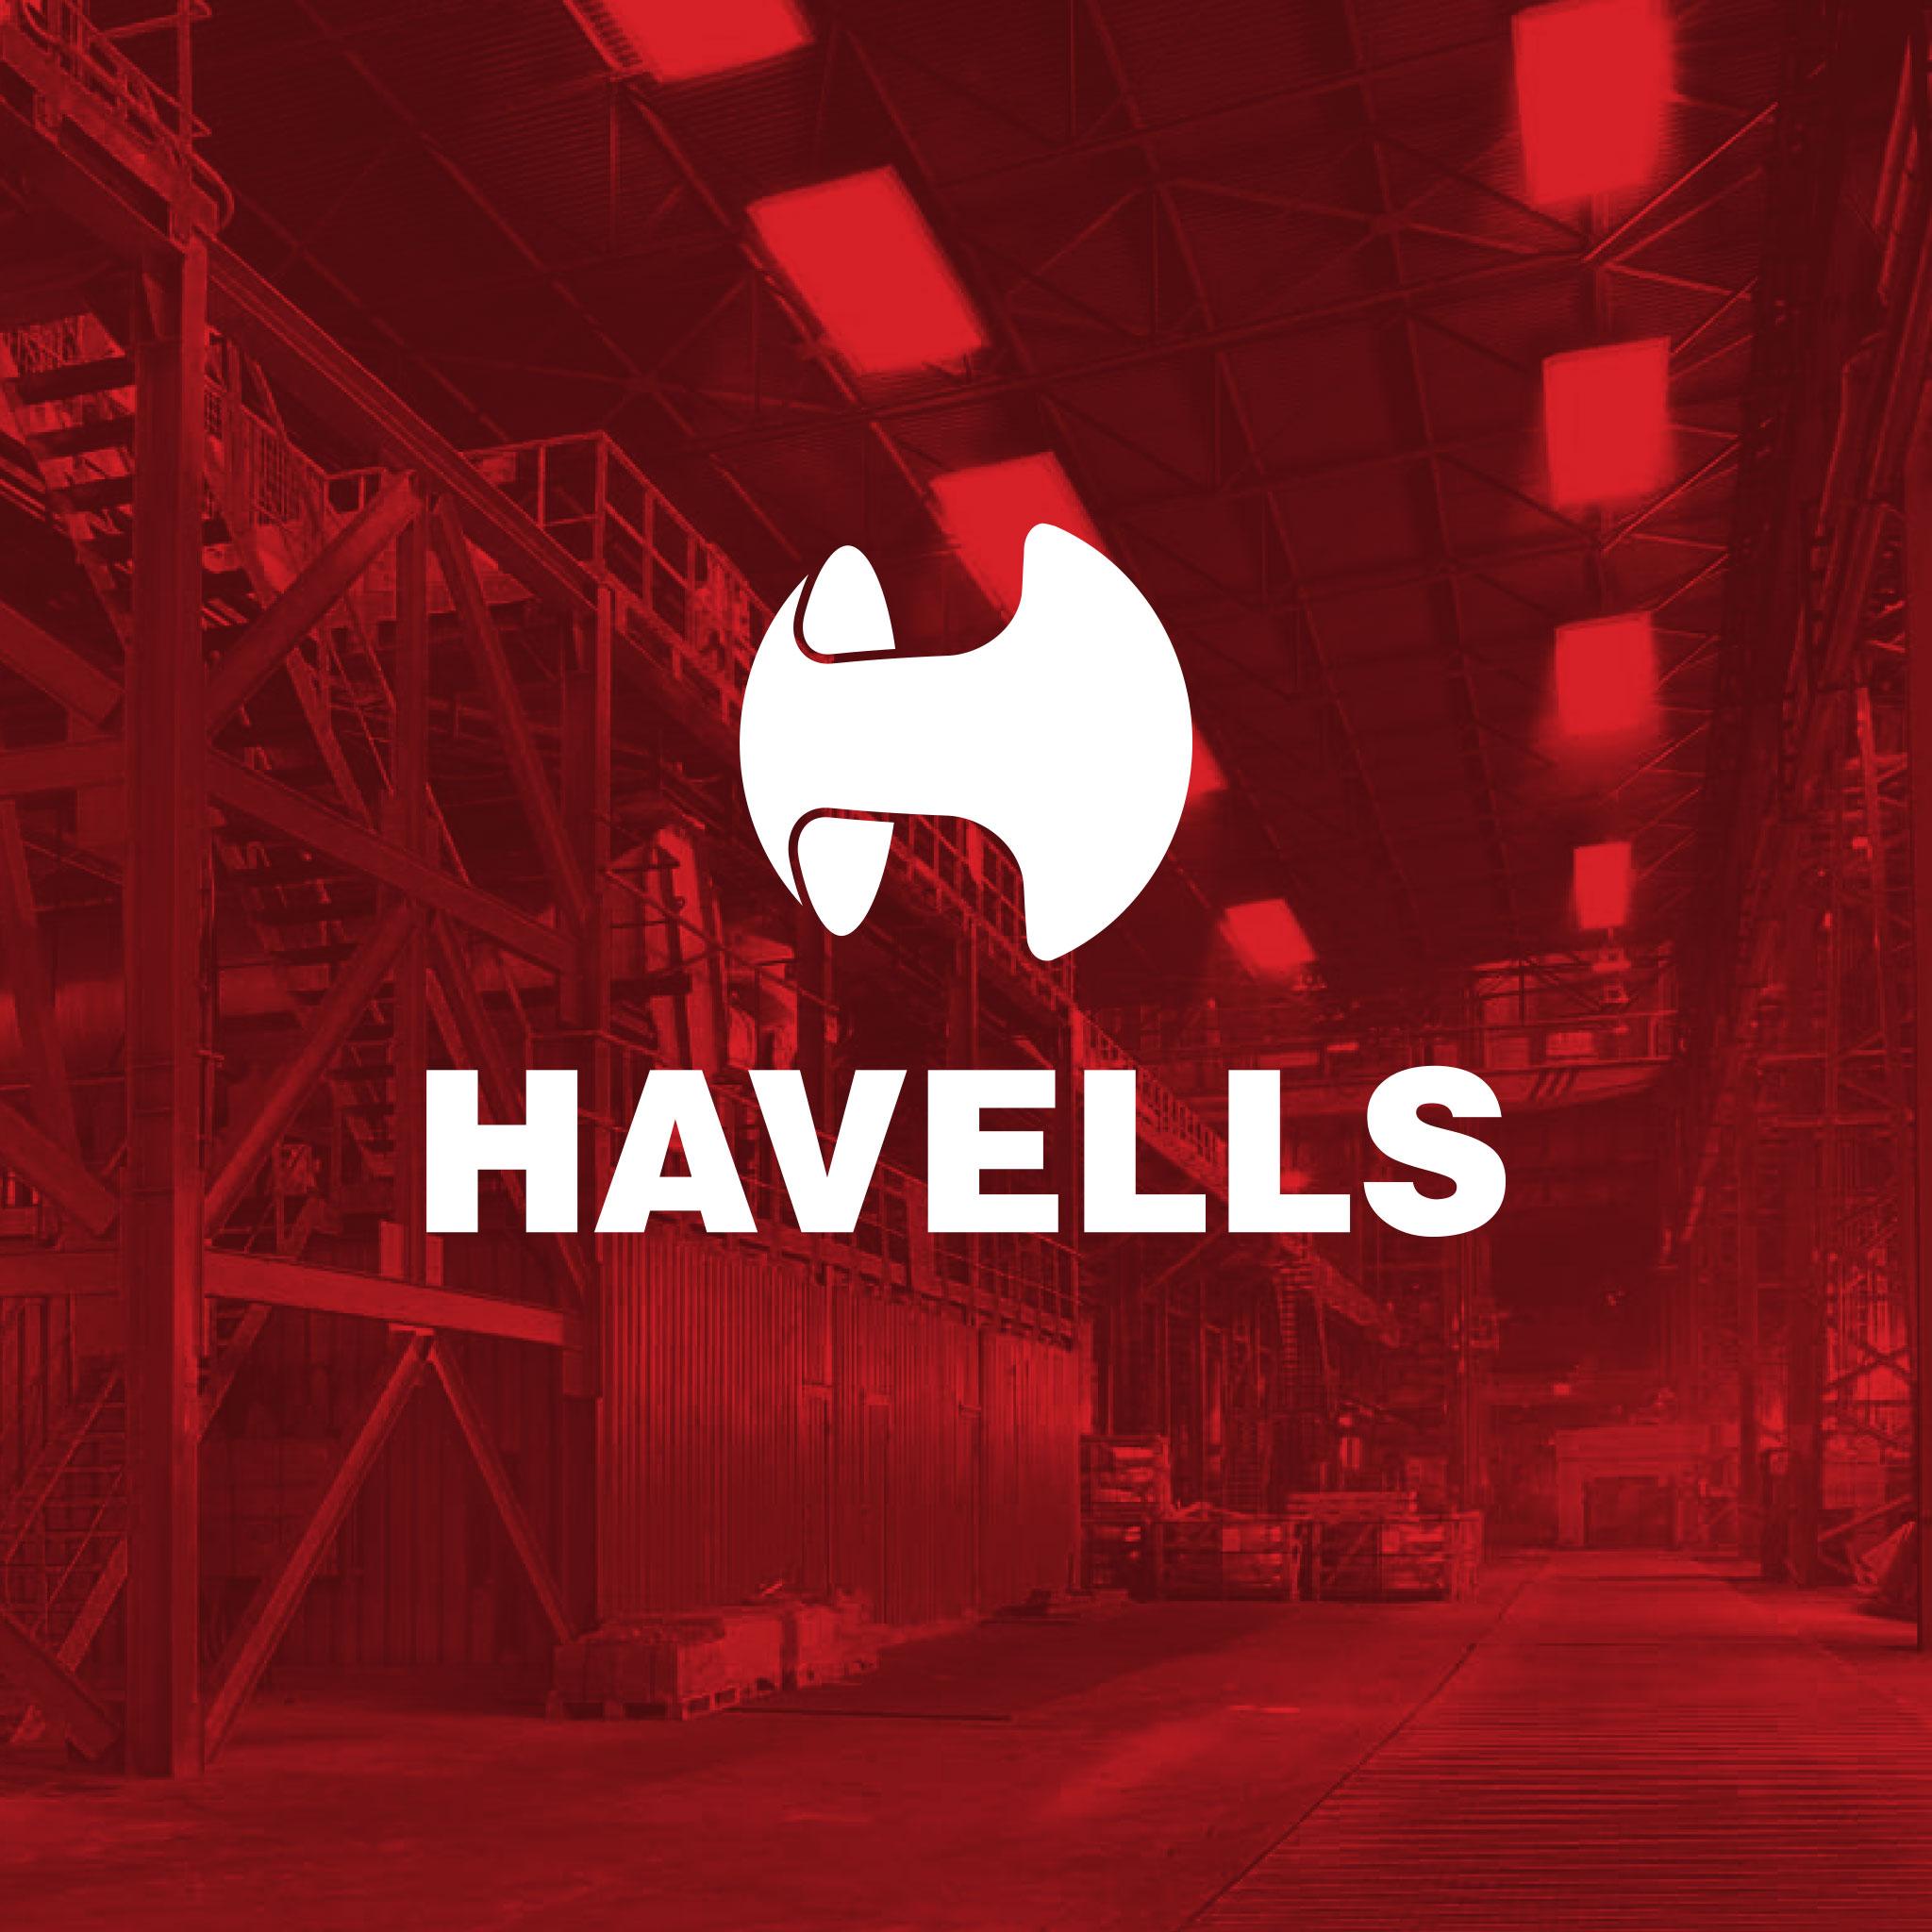 fet_havells